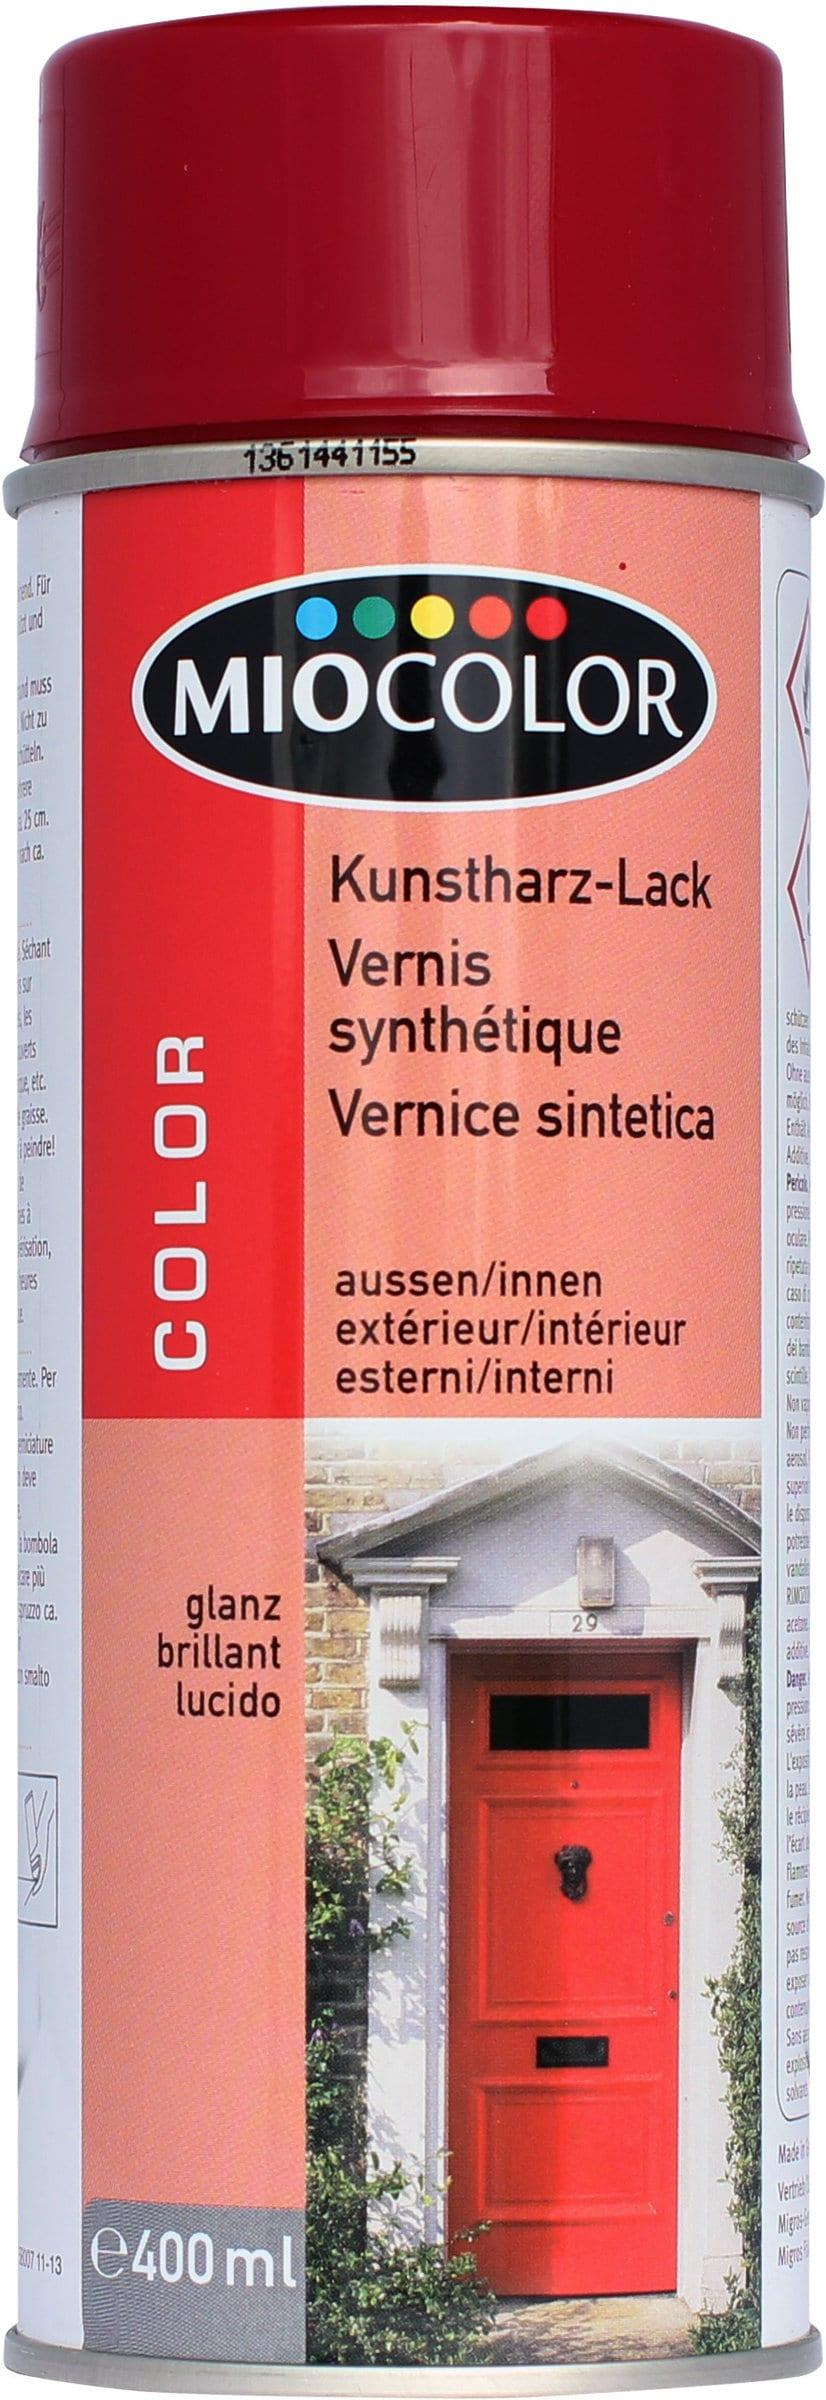 Miocolor Peinture en aérosol résine synthétique